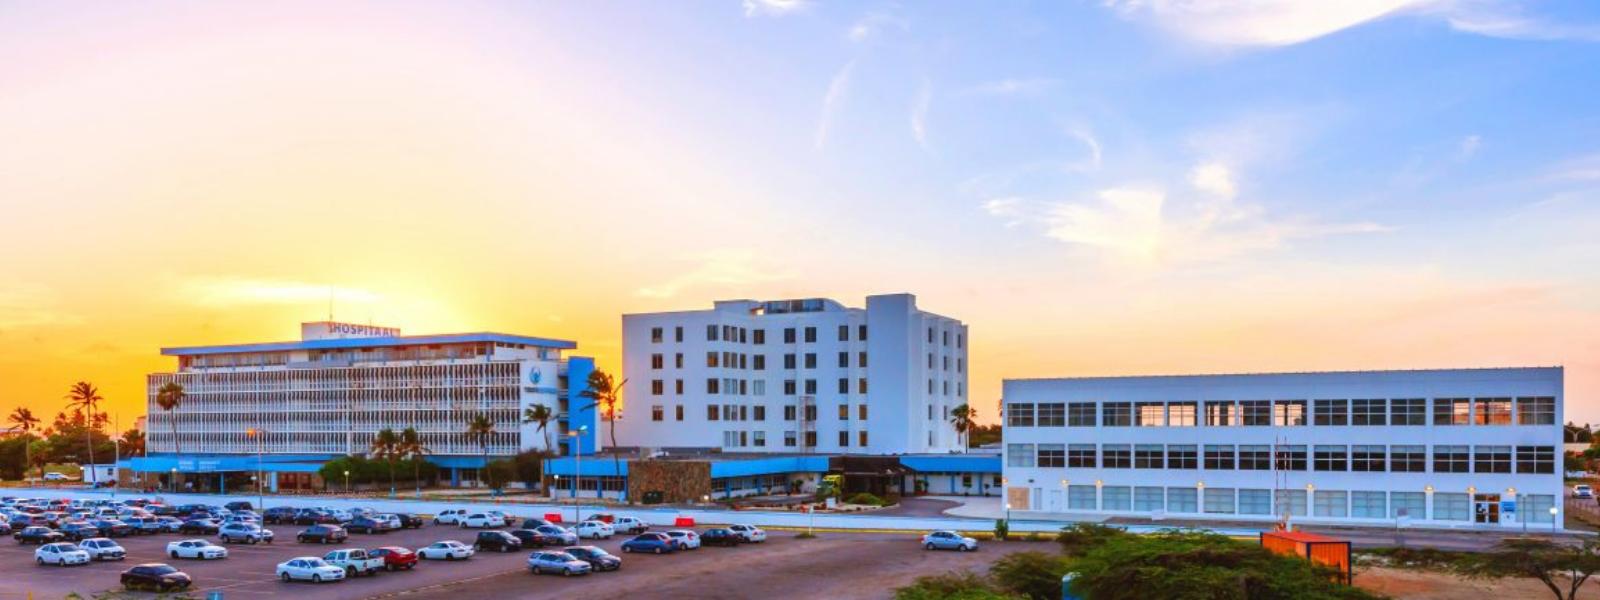 Werken in het Ziekenhuis op Aruba tijdens Corona; wat een ervaringen!